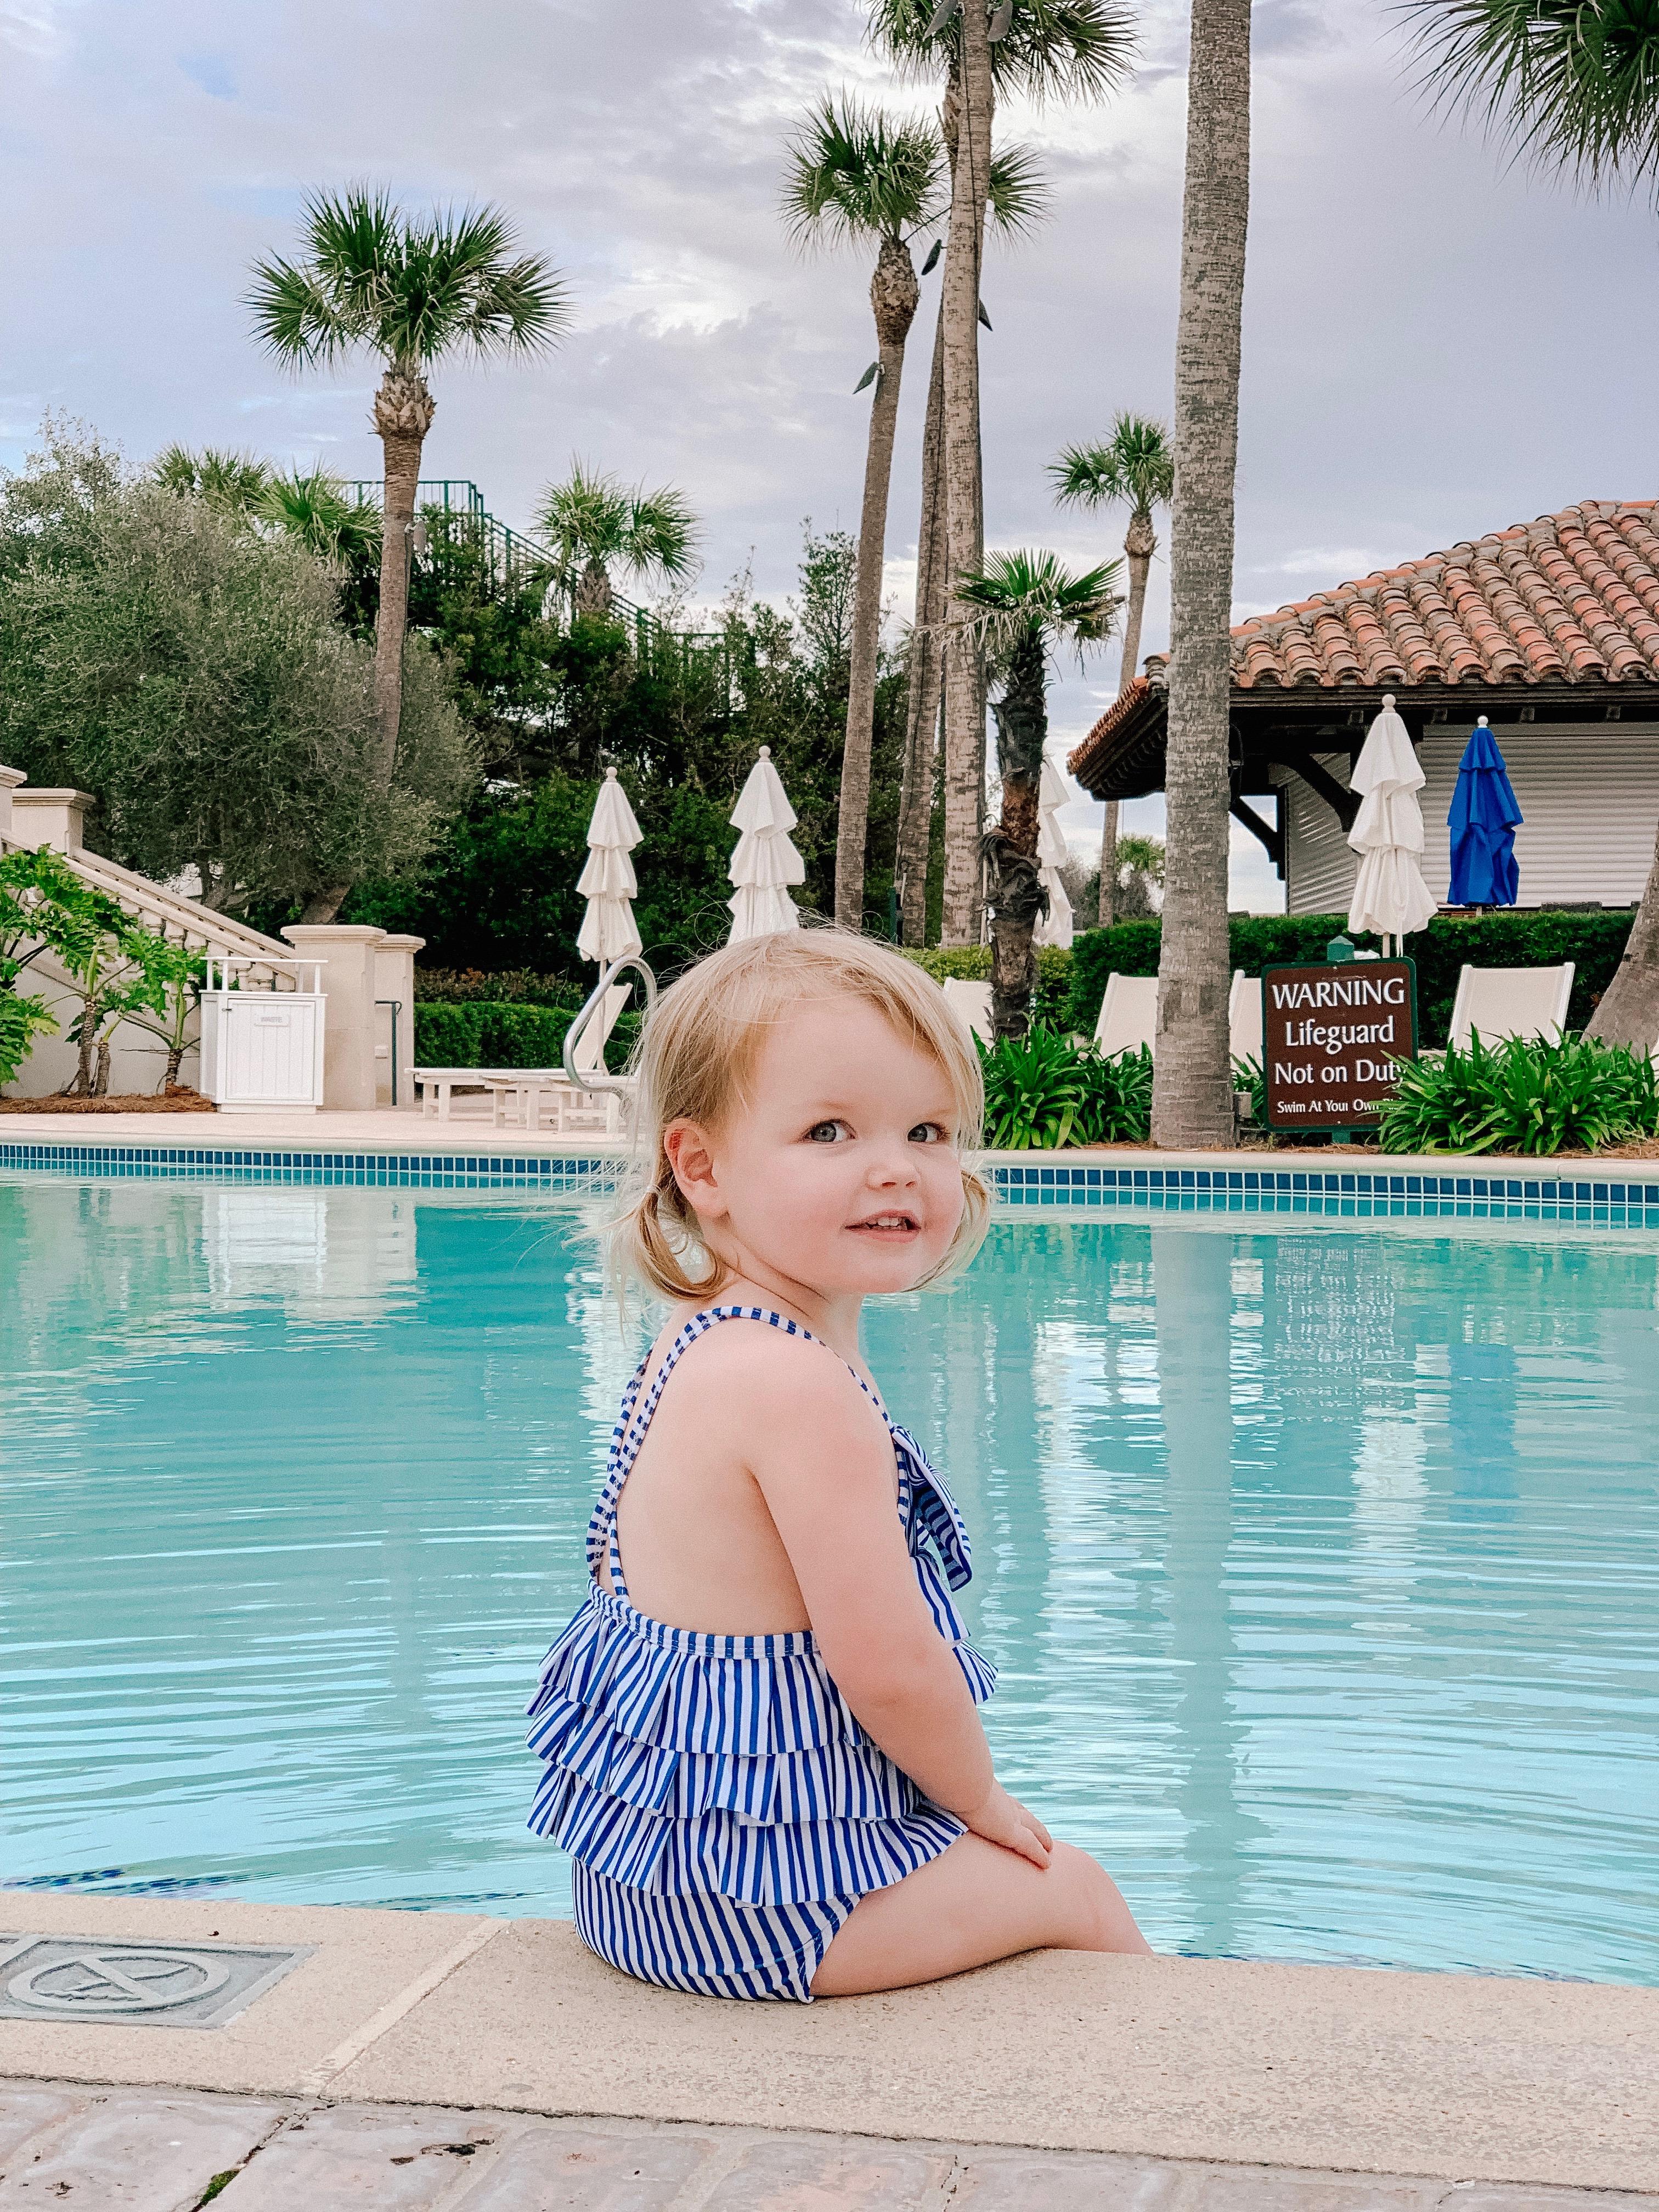 Emma's wearing a Striped Bathing Suit